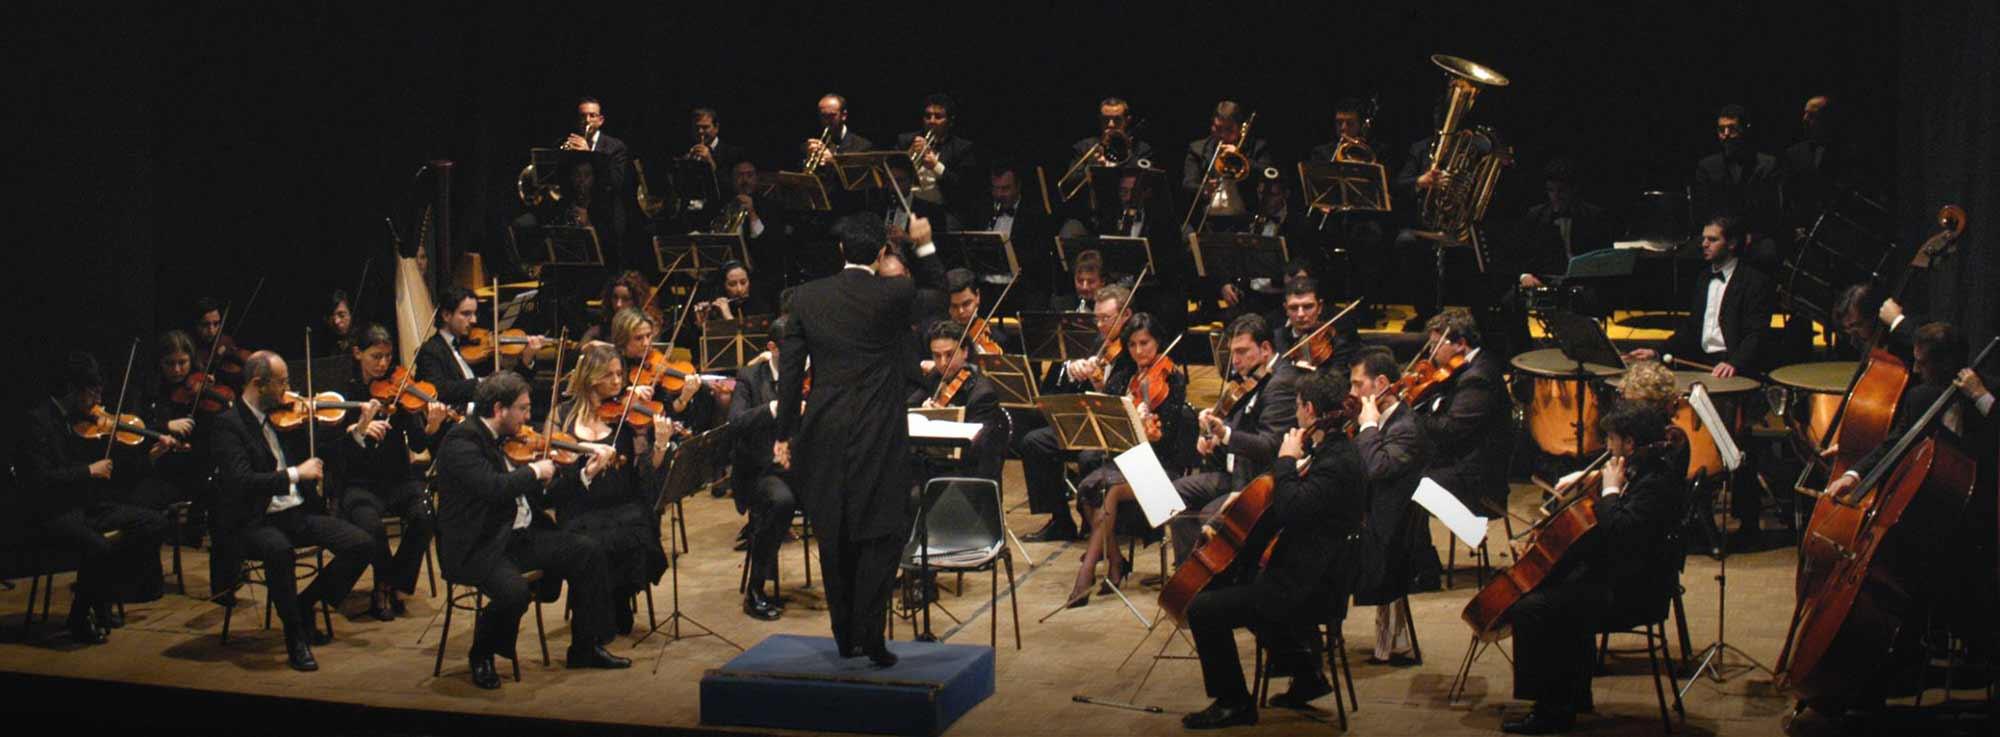 Taranto: XXVII stagione concertistica ICO Magna Grecia